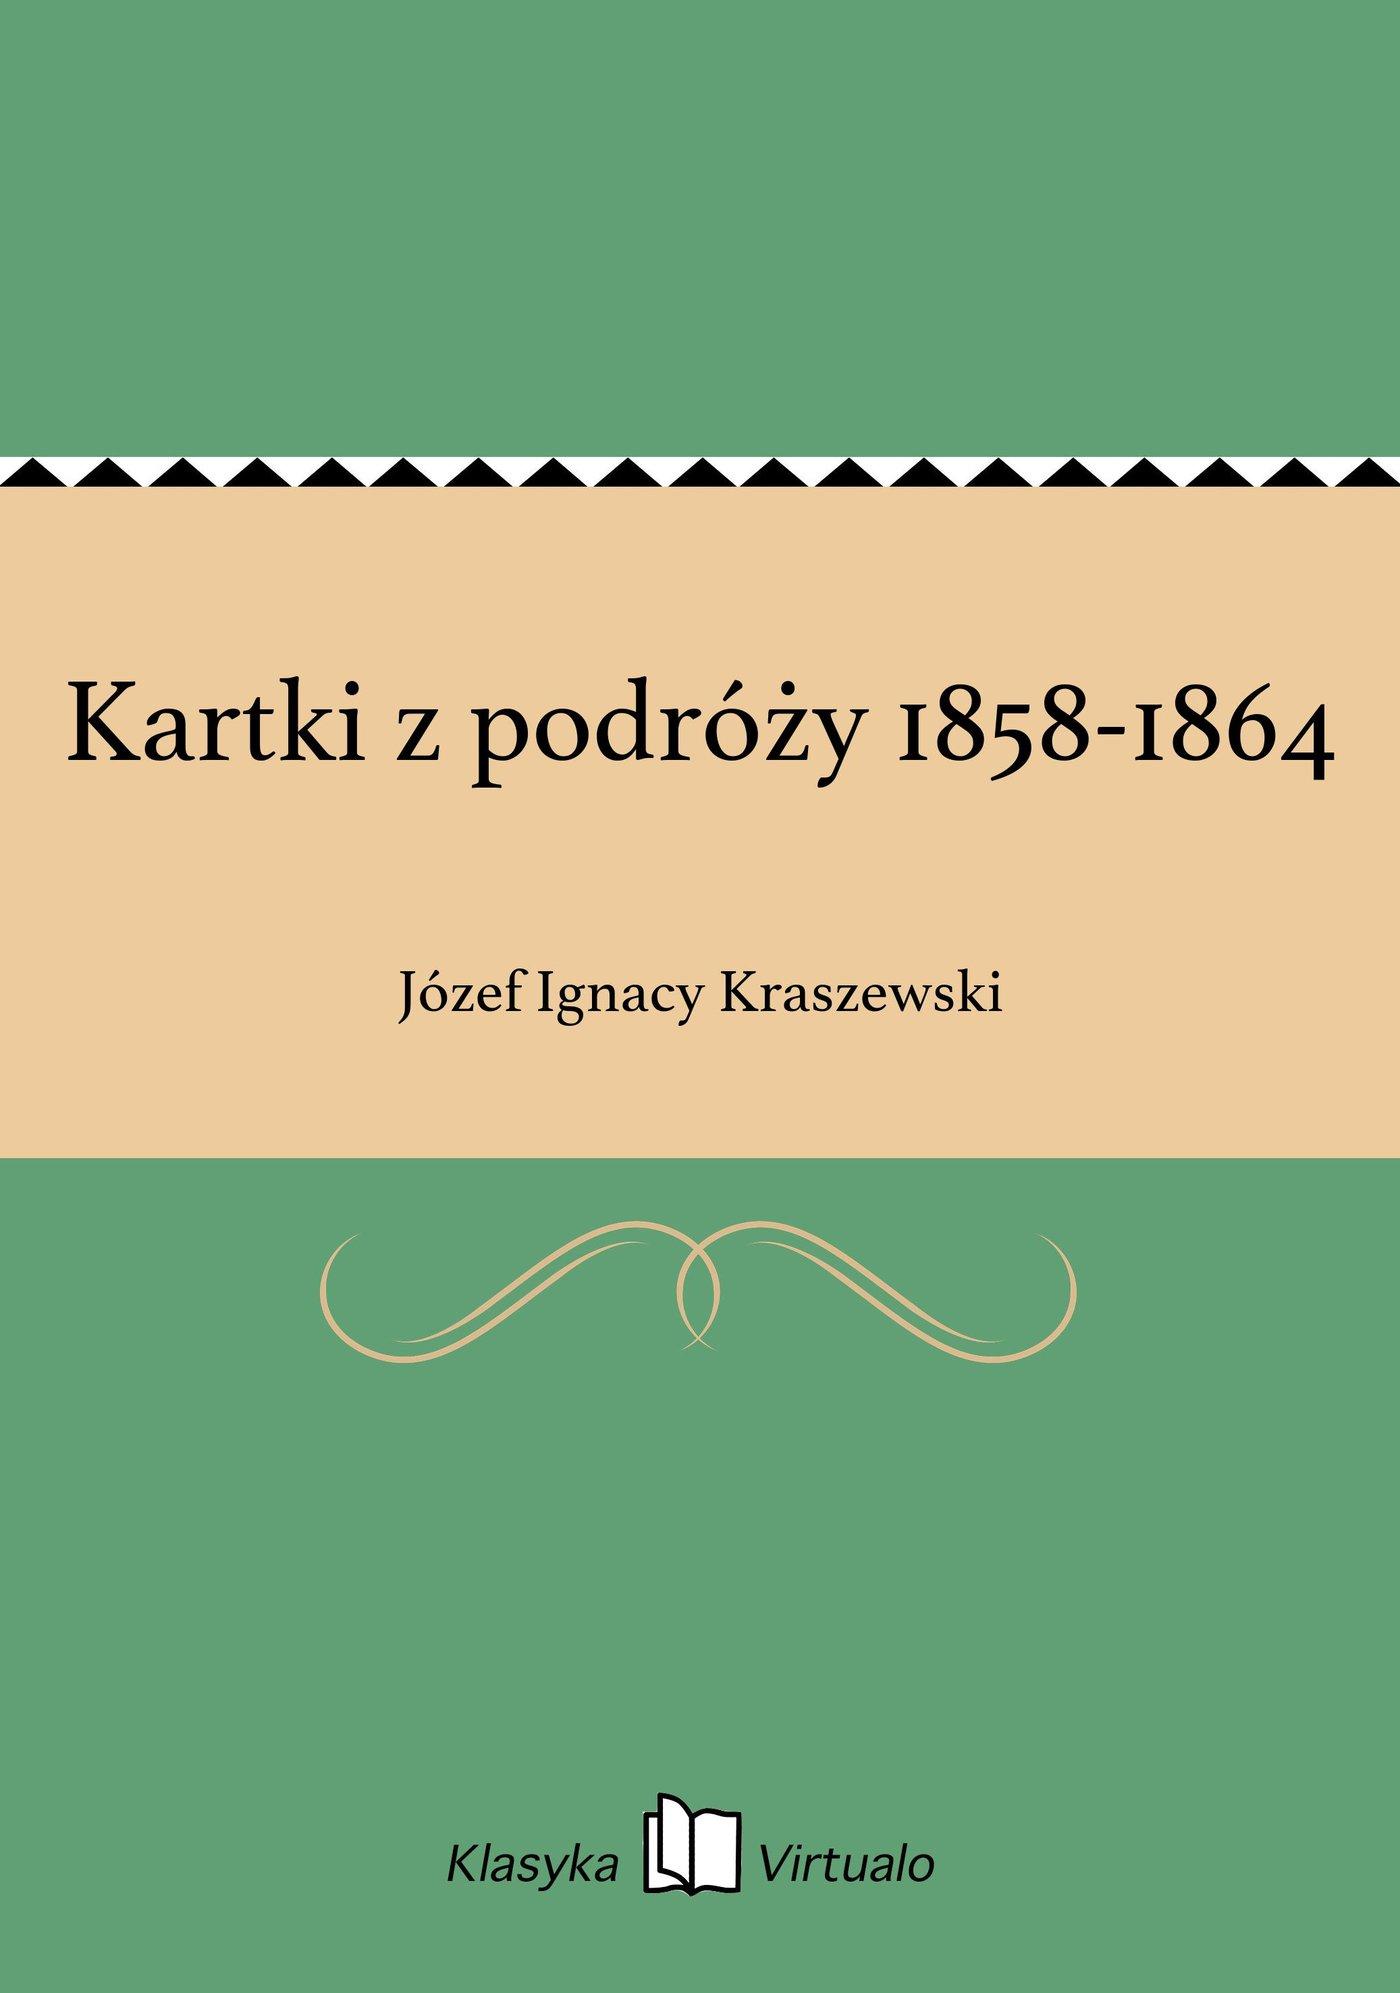 Kartki z podróży 1858-1864 - Ebook (Książka EPUB) do pobrania w formacie EPUB